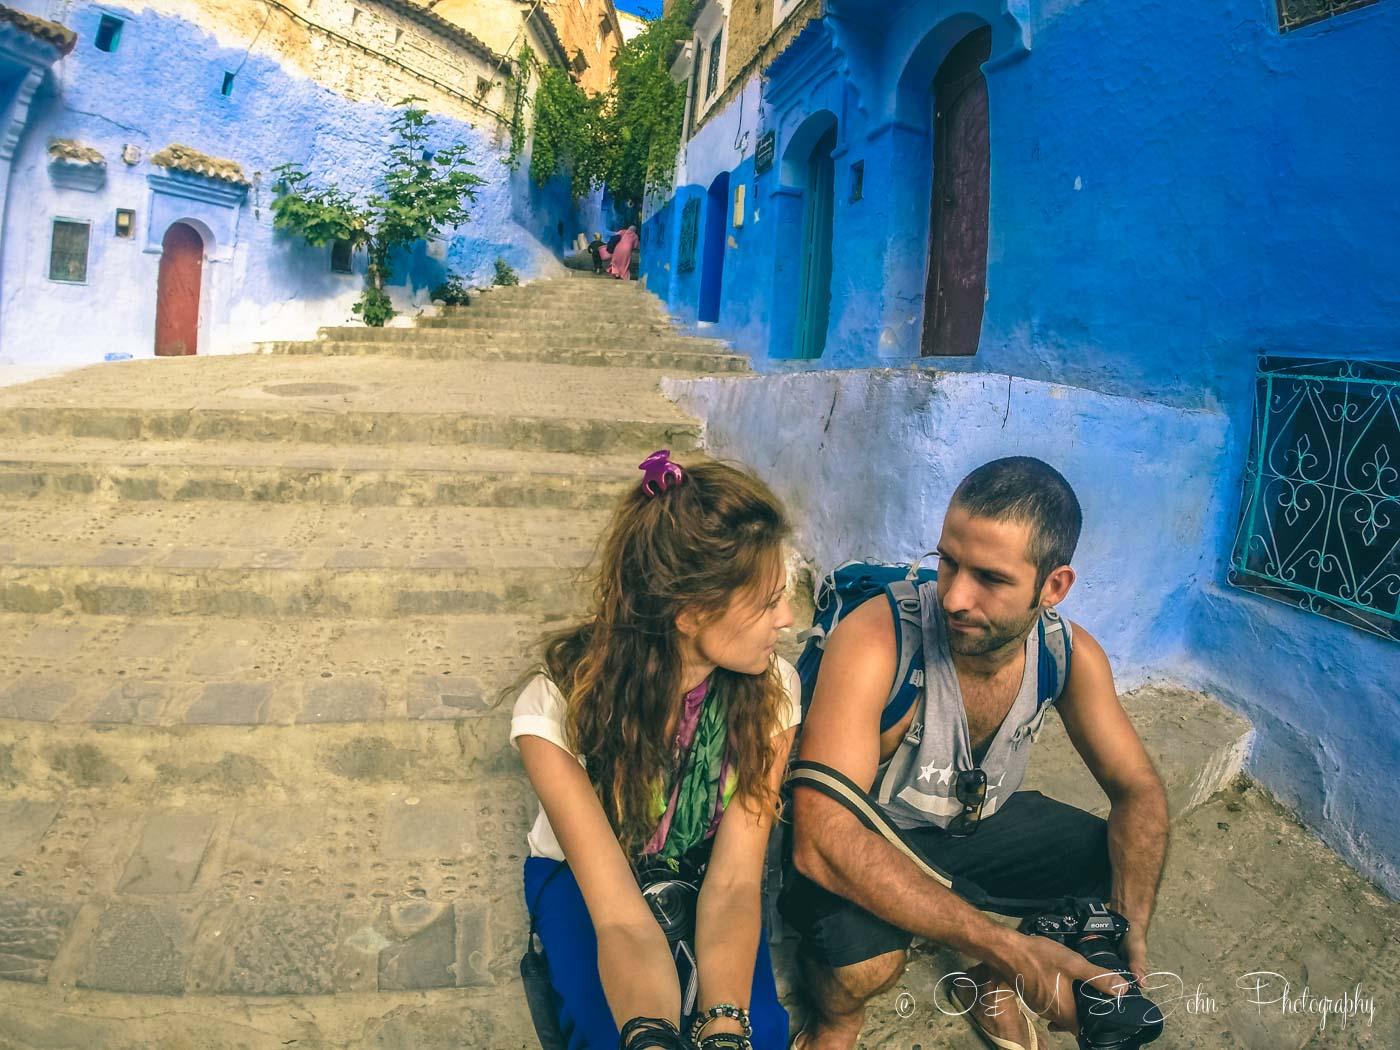 Max & Oksana in Chefchaouen, Morocco